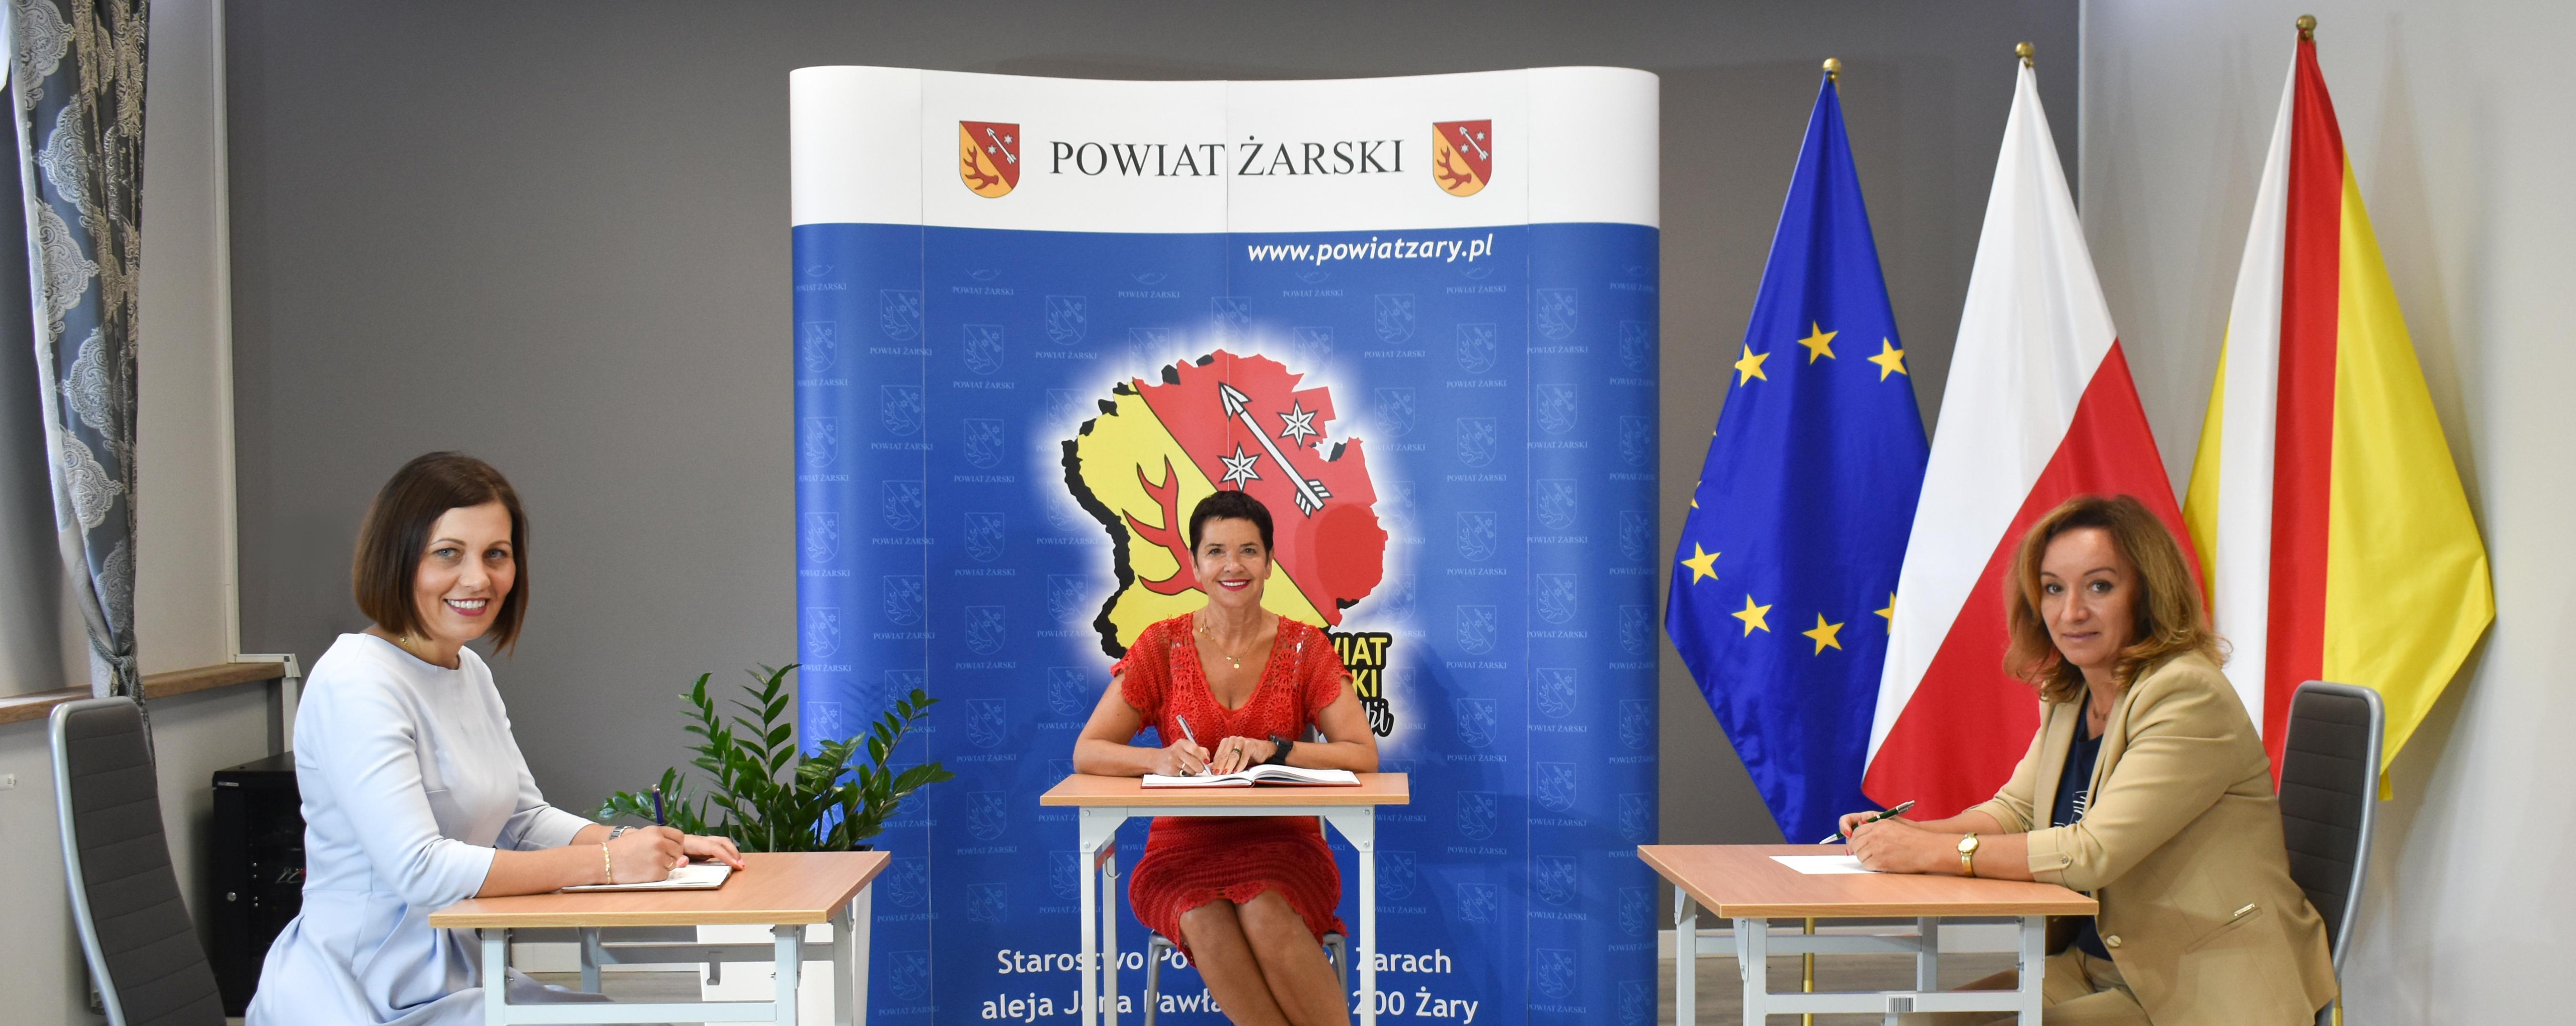 Ilustracja do informacji: Spotkanie Wicestarosty Małgorzaty Issel z pełniącą funkcję Wójta Gminy Lipinki Łużyckie Małgorzatą Reszką oraz Radną Gminy – Renatą Kryszczuk.